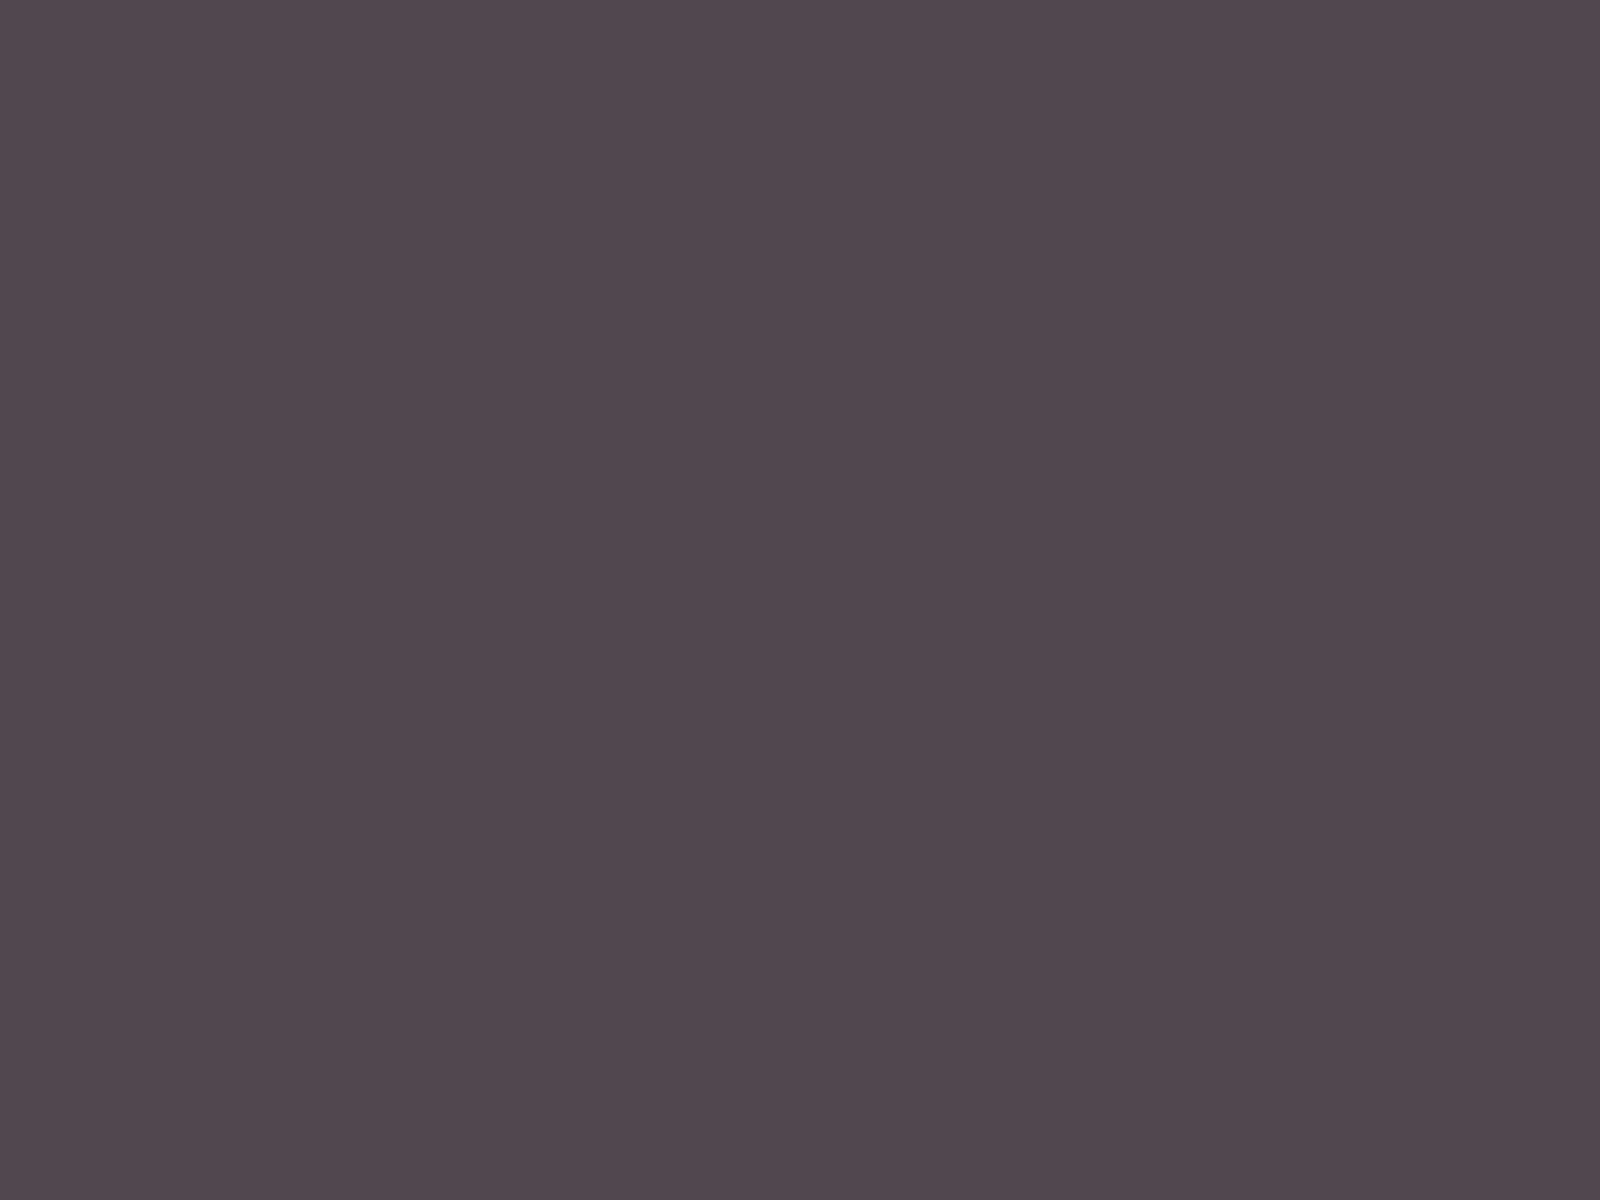 1600x1200 Quartz Solid Color Background